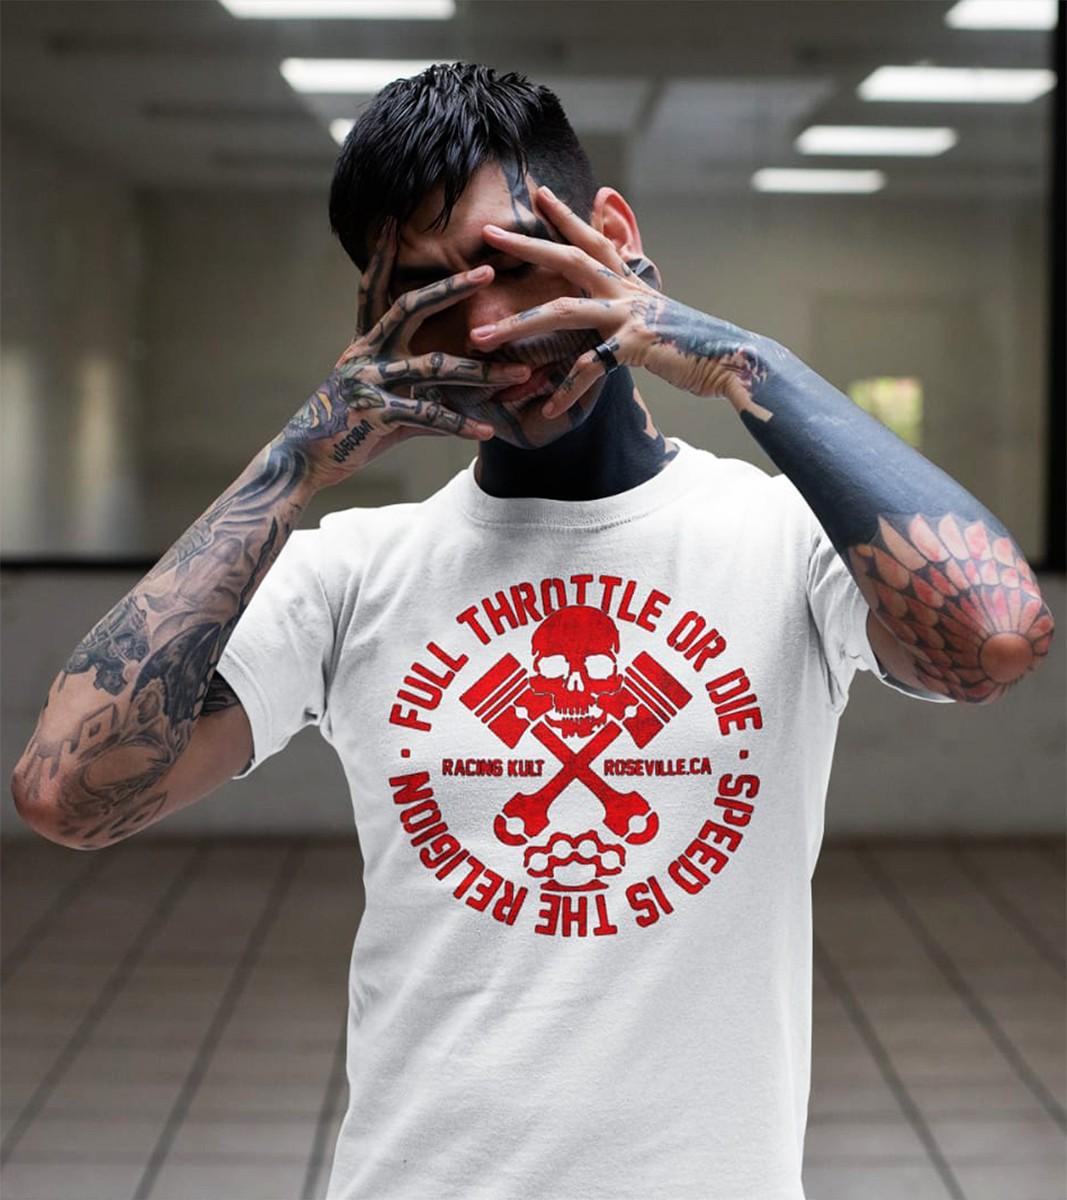 Racing Kult T-Shirt Full Throttle Frontprint Motiv in Rot